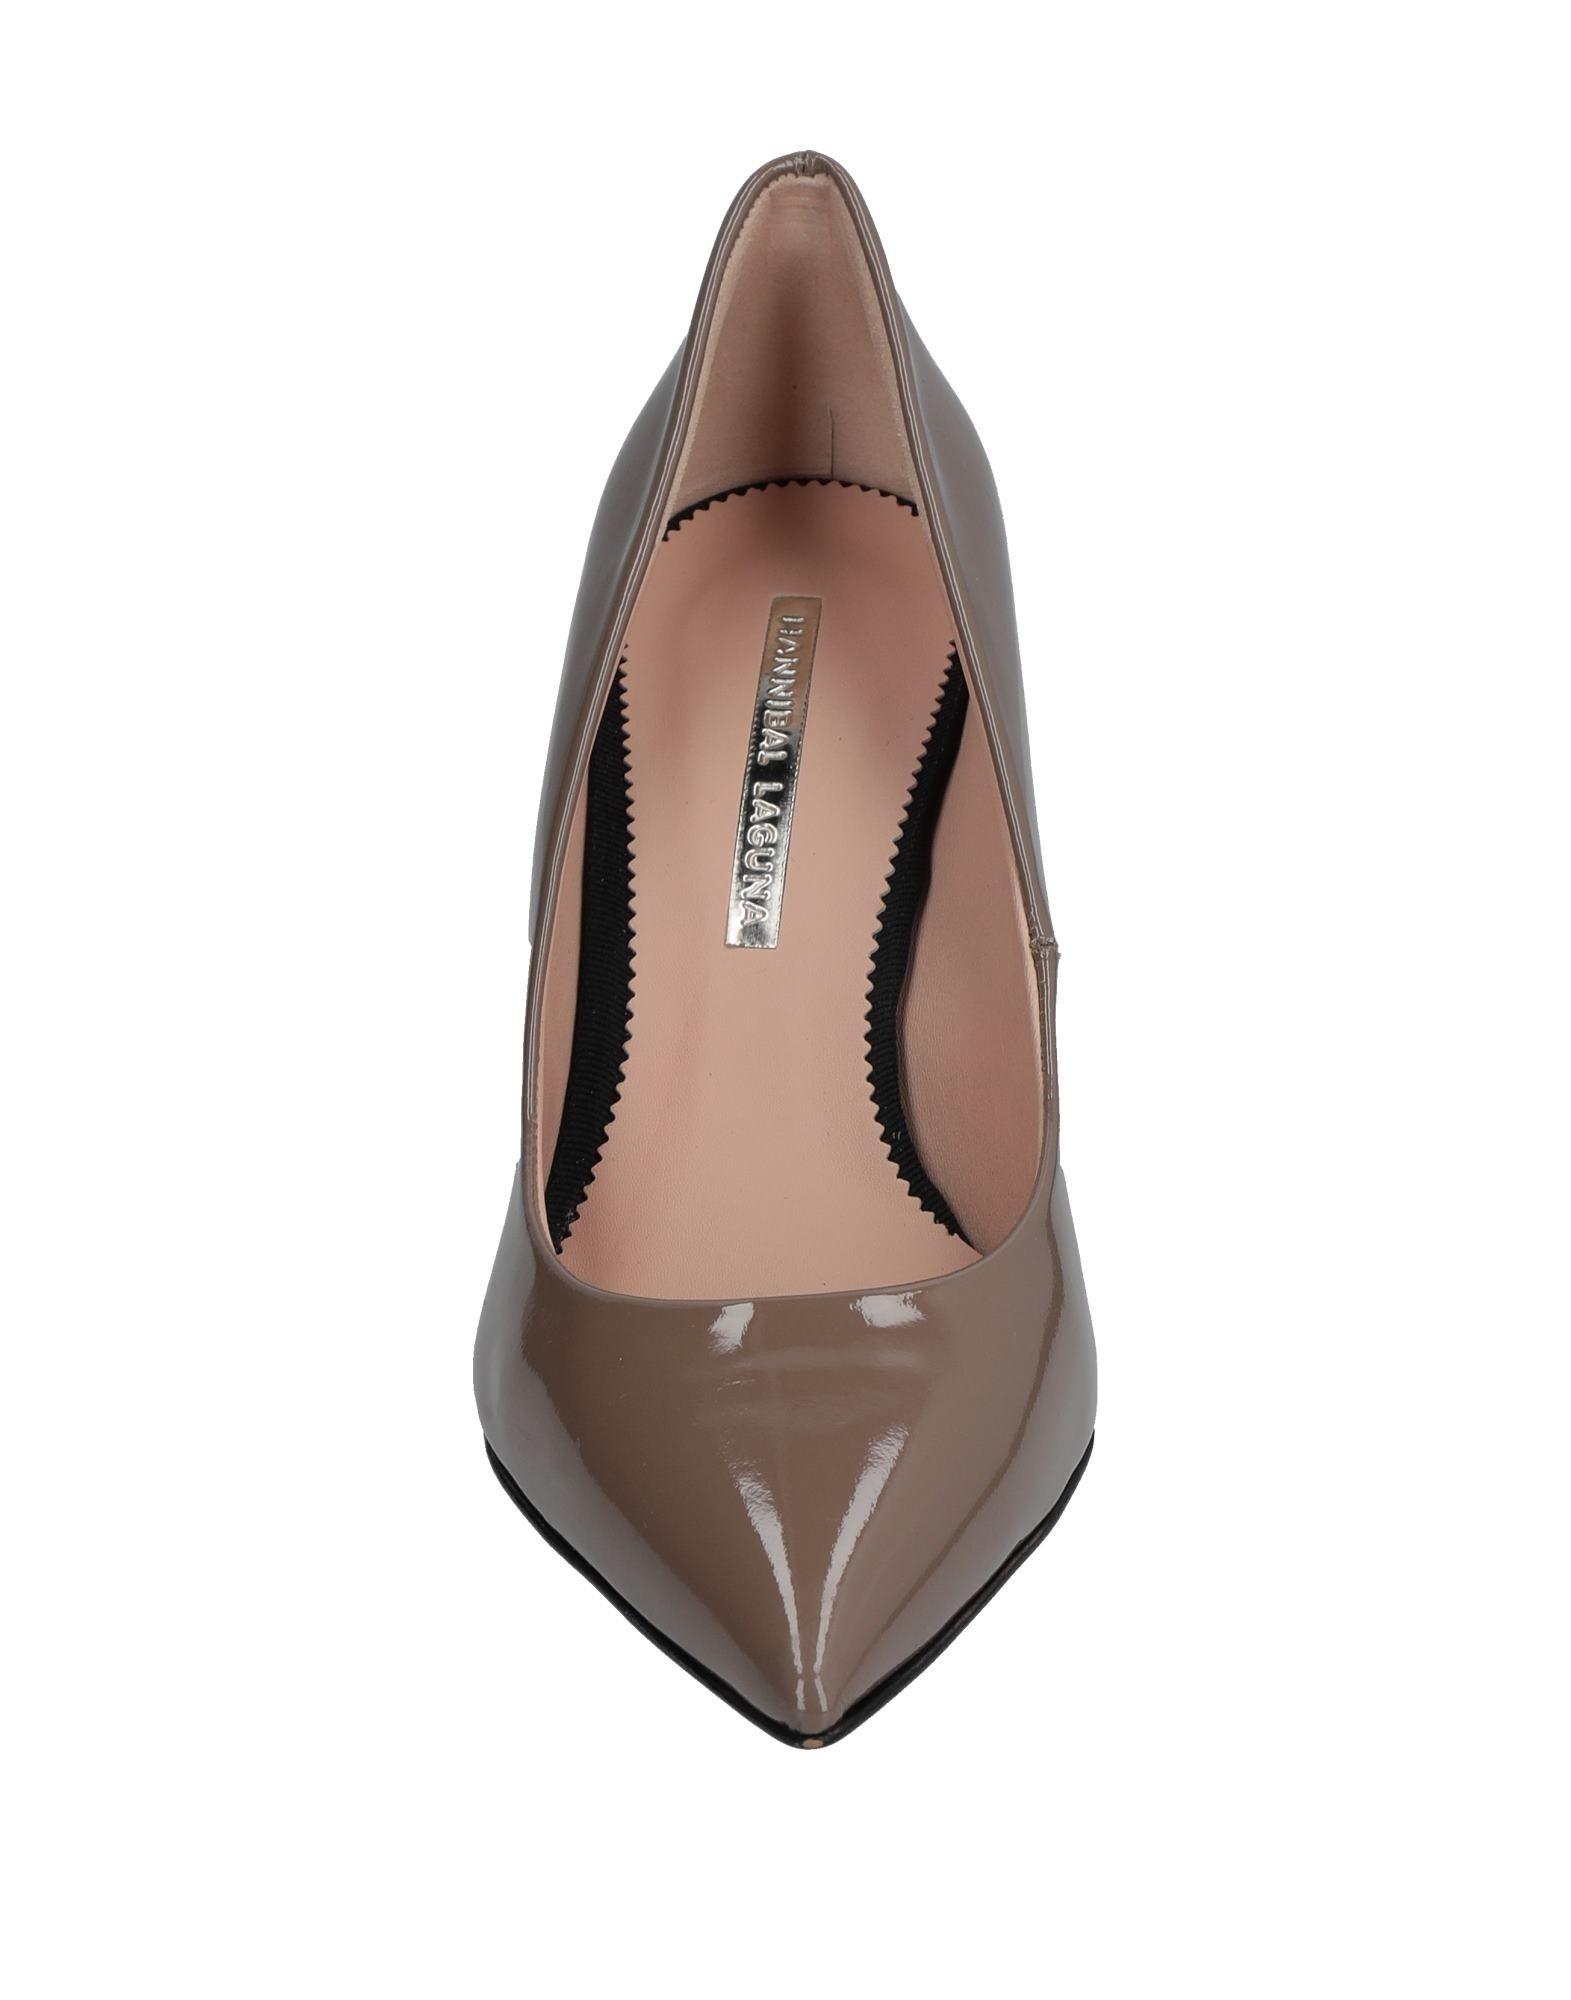 Hannibal Damen Laguna Pumps Damen Hannibal  11541640HP Gute Qualität beliebte Schuhe 394254